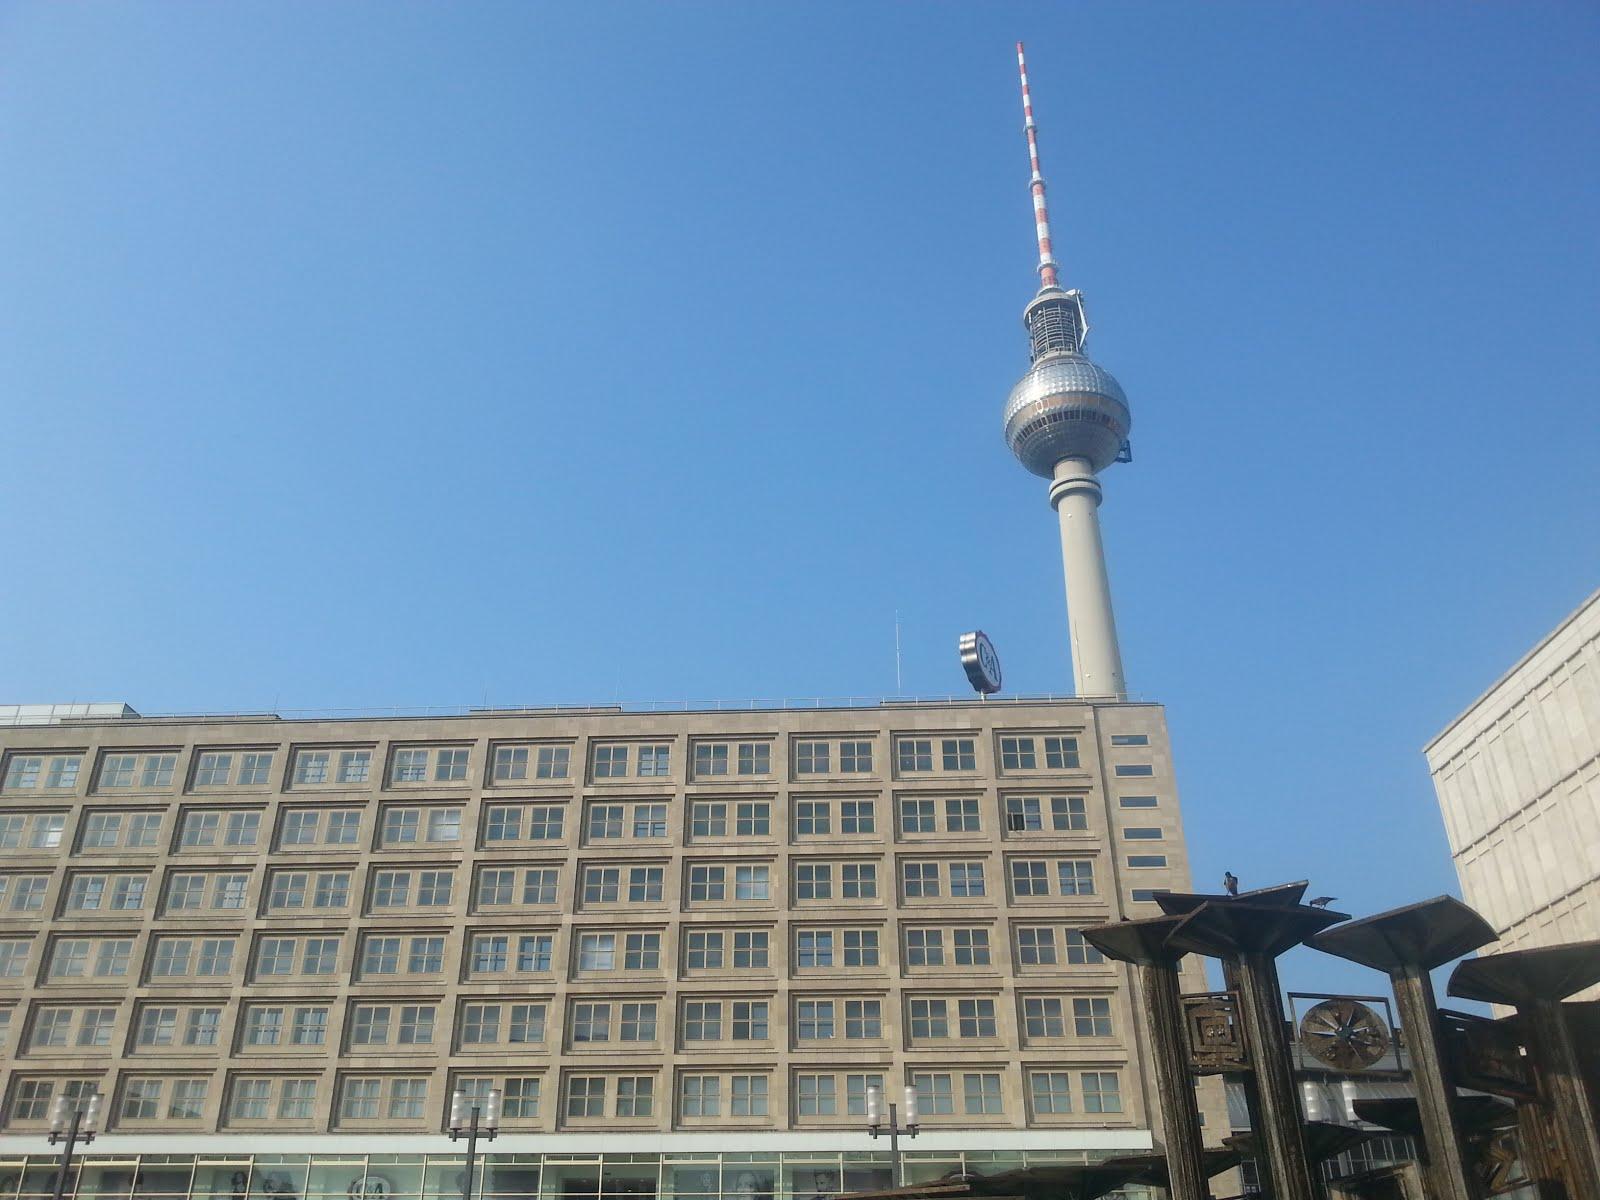 ברלין בבוקר קיצי, מגדל הטלביזיה